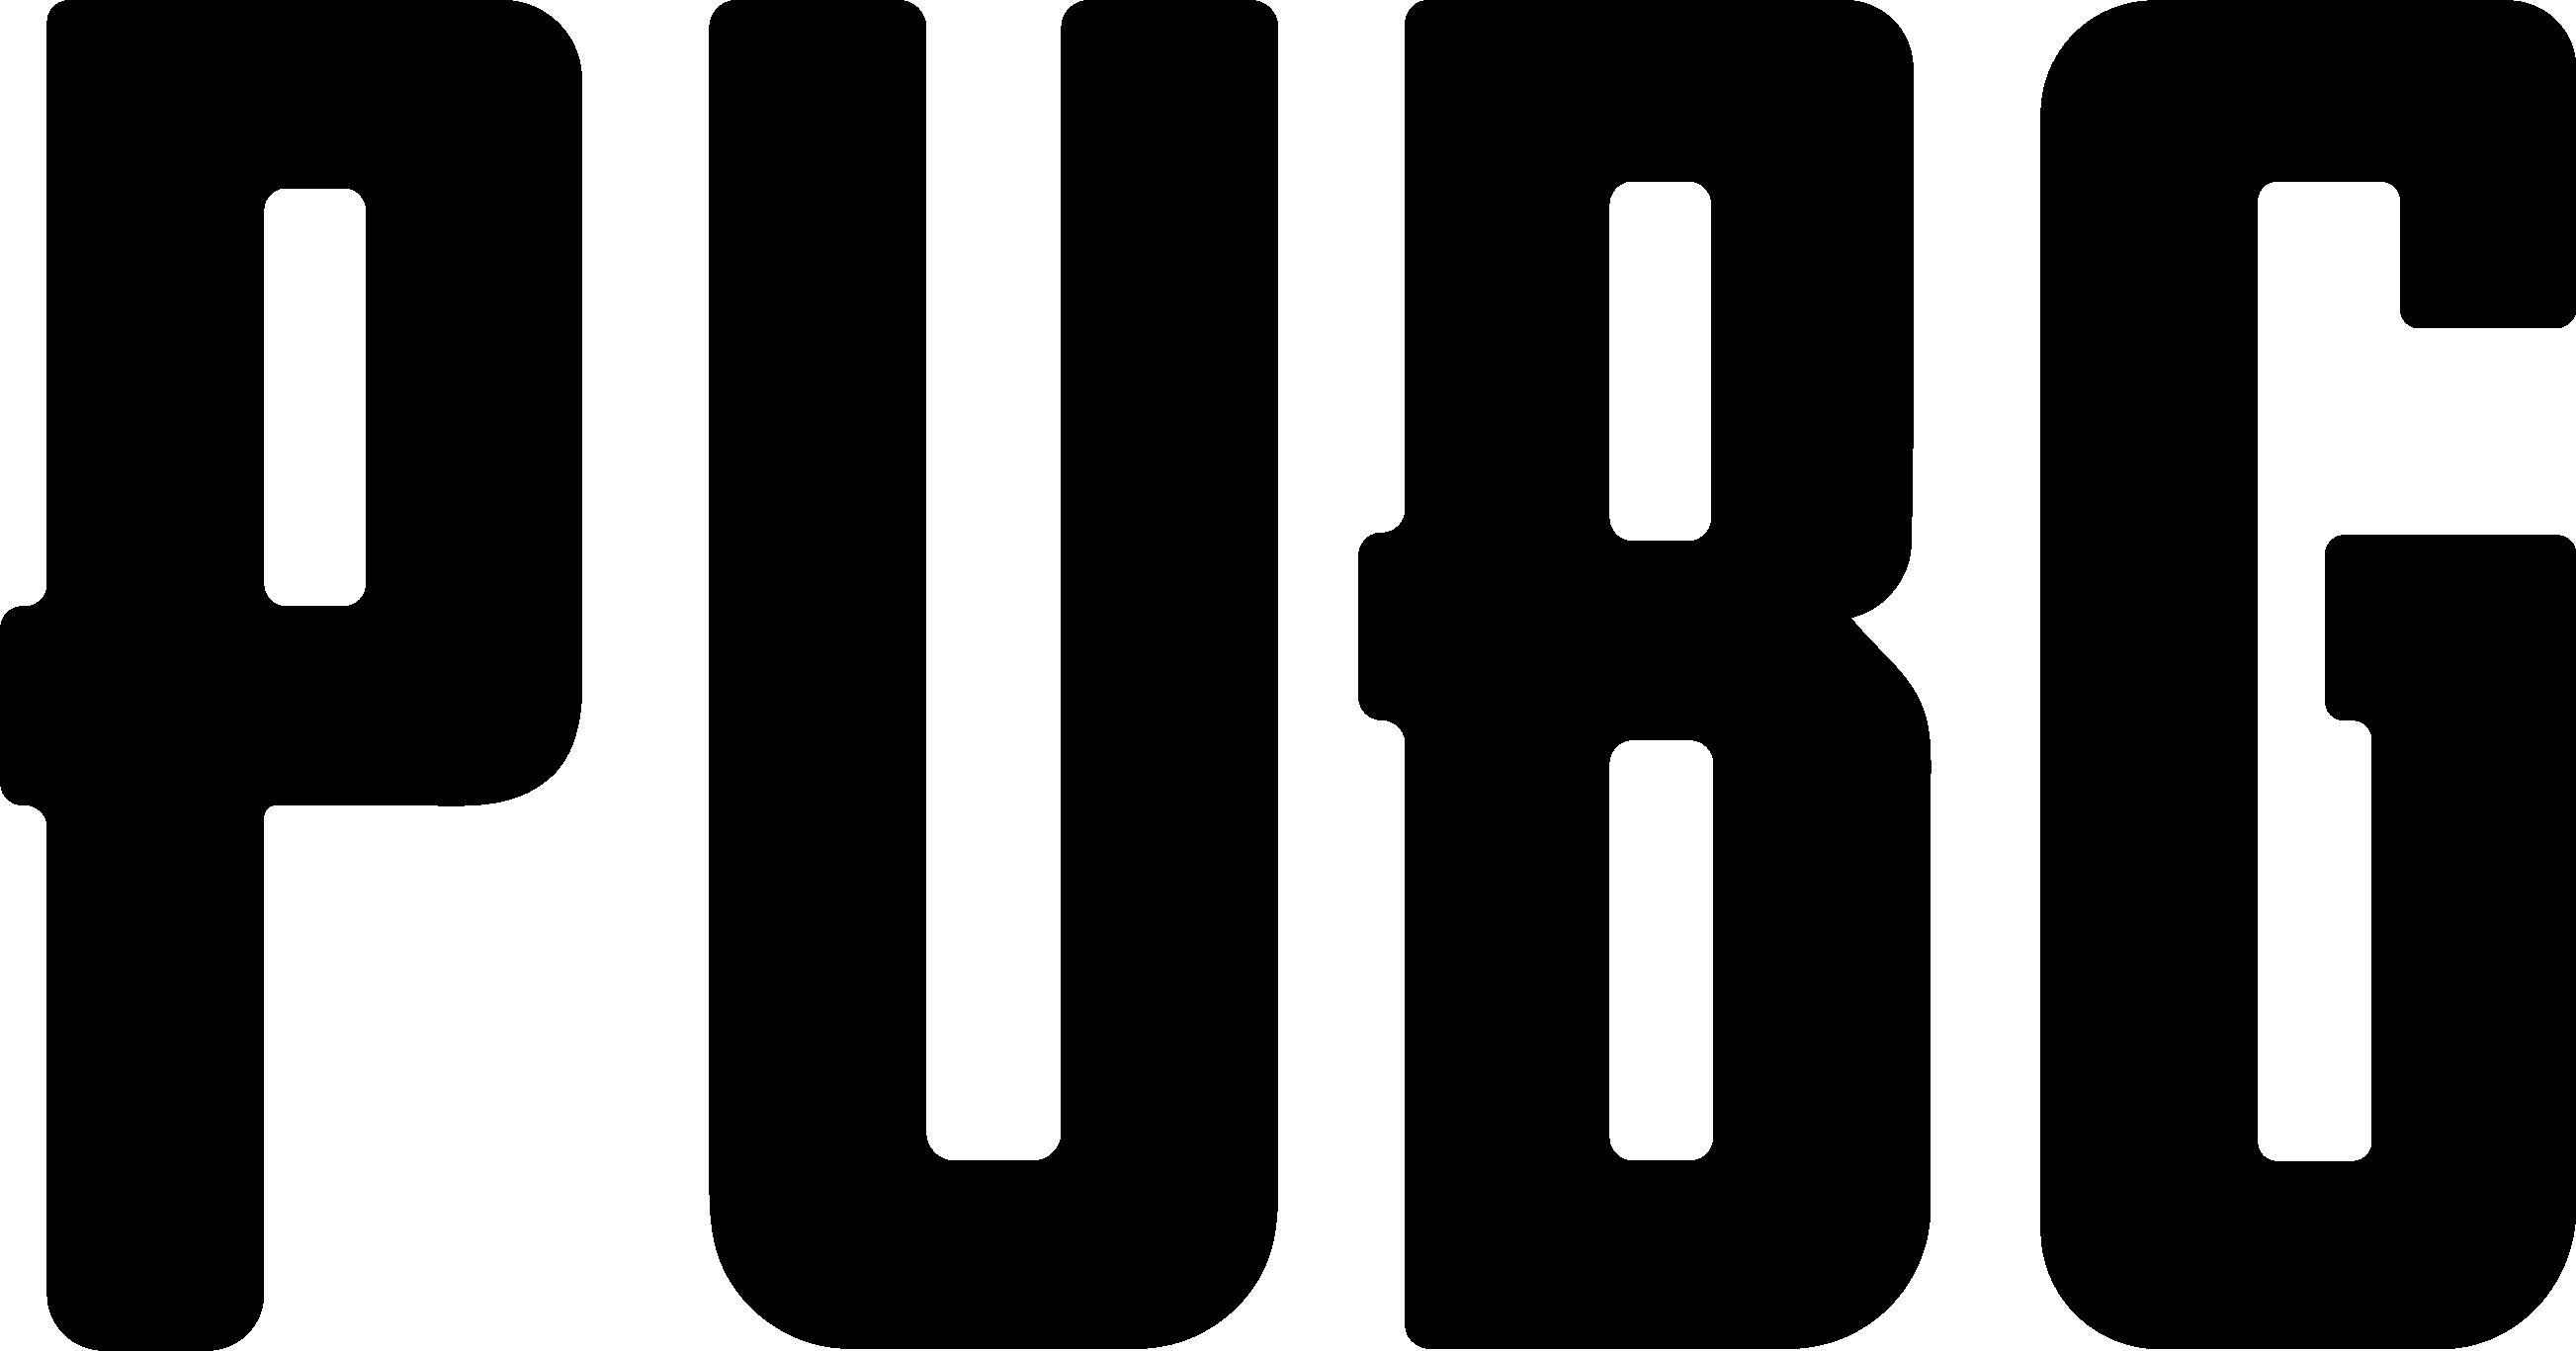 Pubg Logos